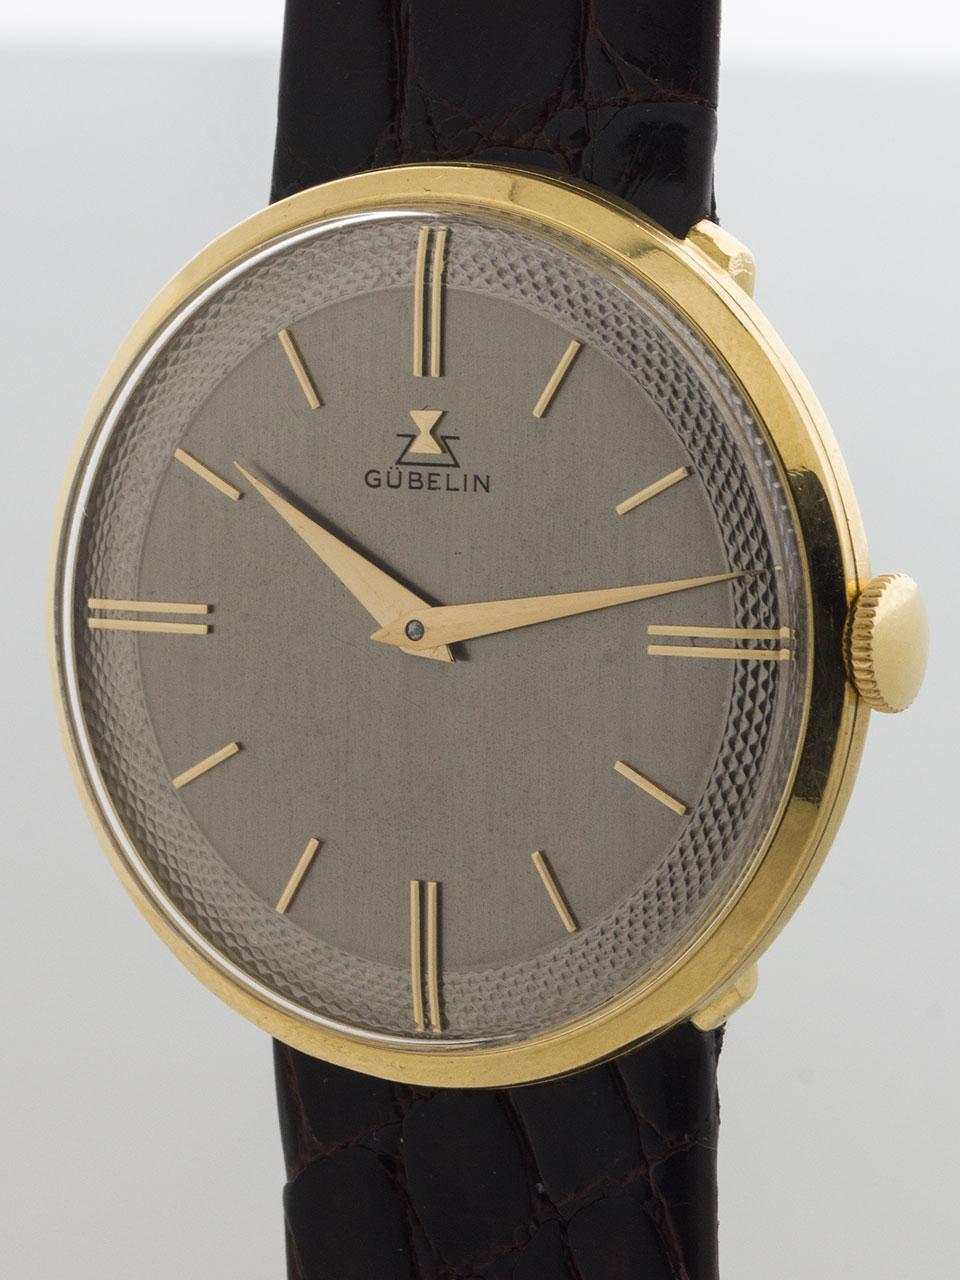 Gubelin Elegant Dress Model 18K circa 1960's